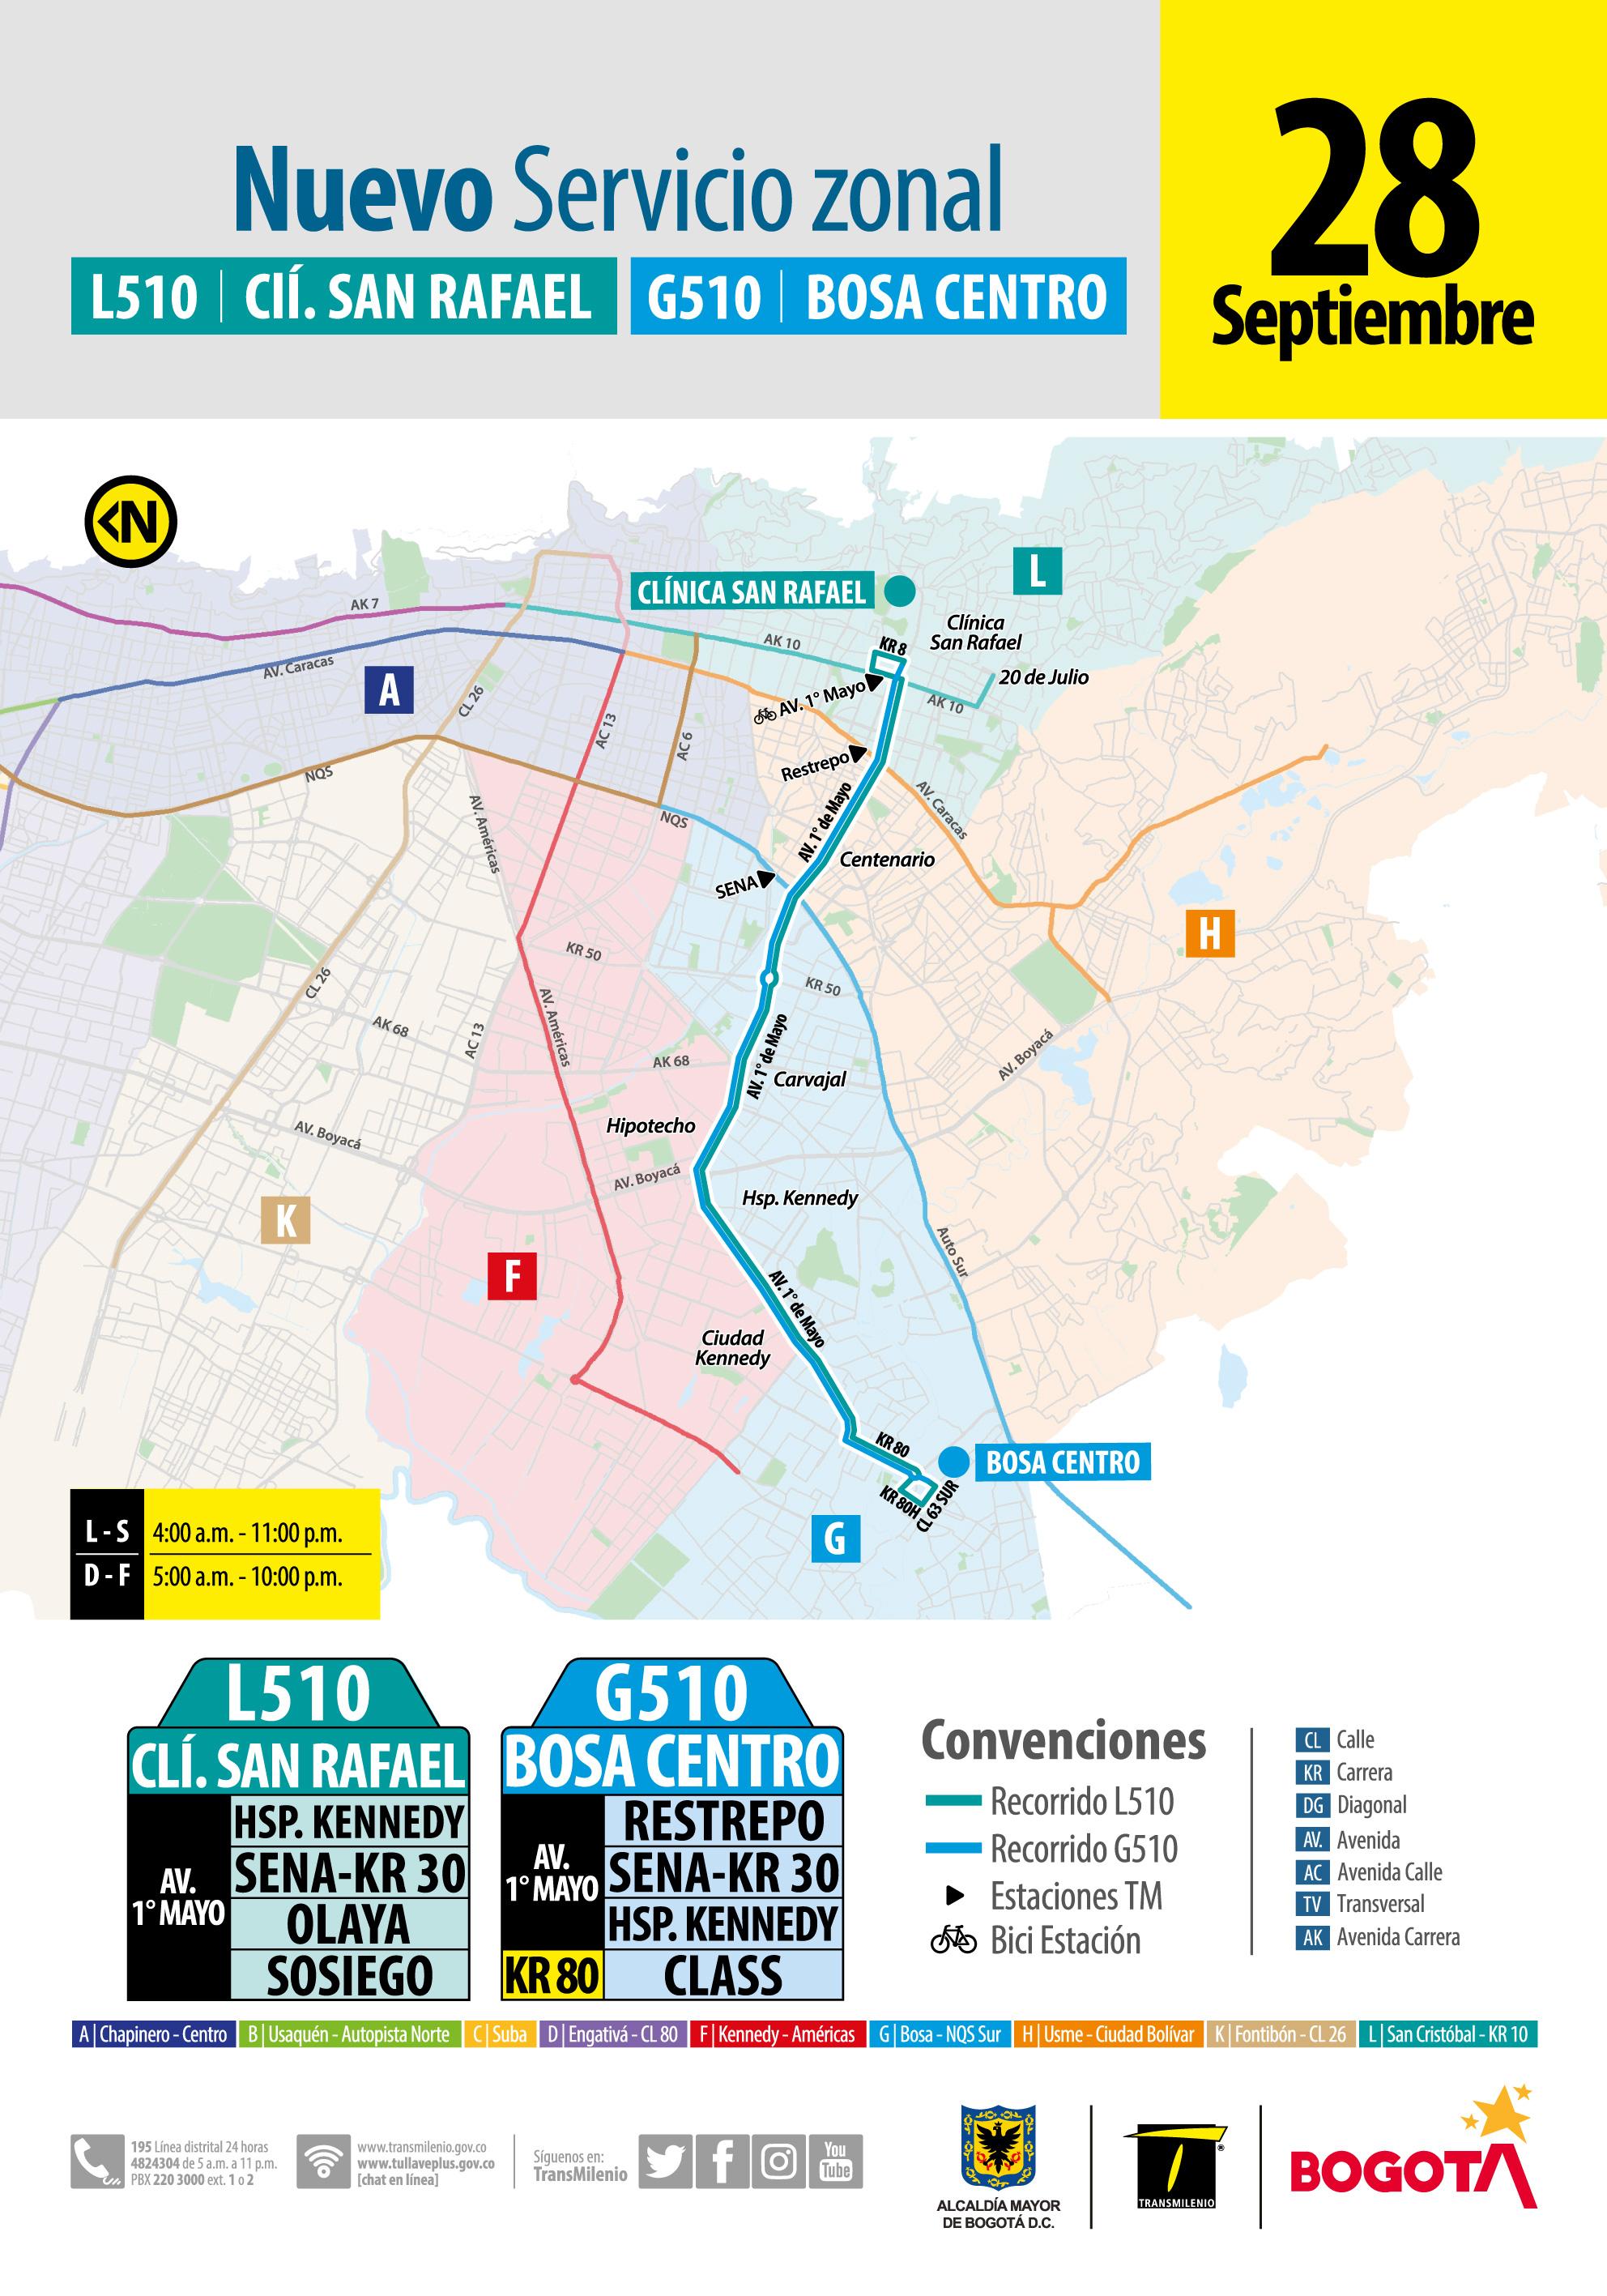 L510 Calle San Rafael - G510 Bosa Centro